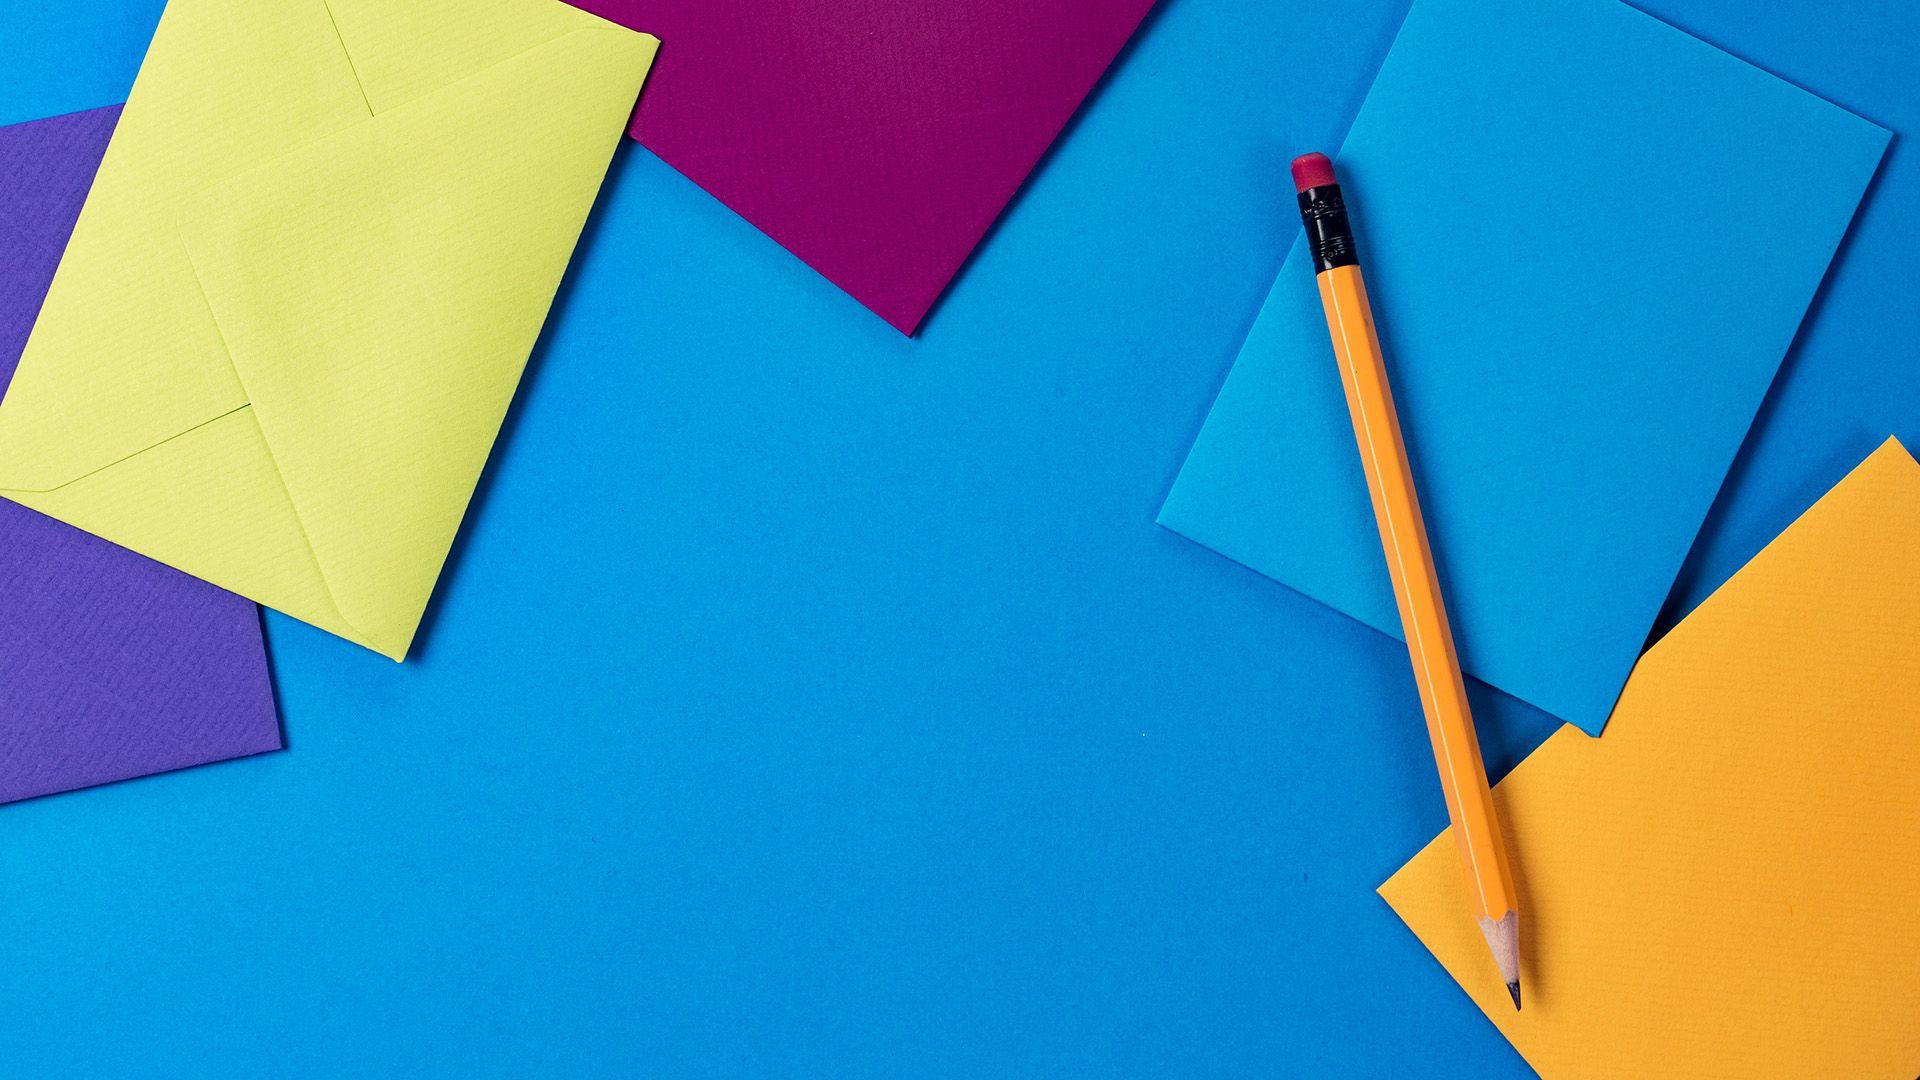 Fargerike konvolutter og en gråblyant som ligger på en blå bakgrunn. Illustrasjon til sak om innholdsstrategi for markedsføringsbyrået Elg.